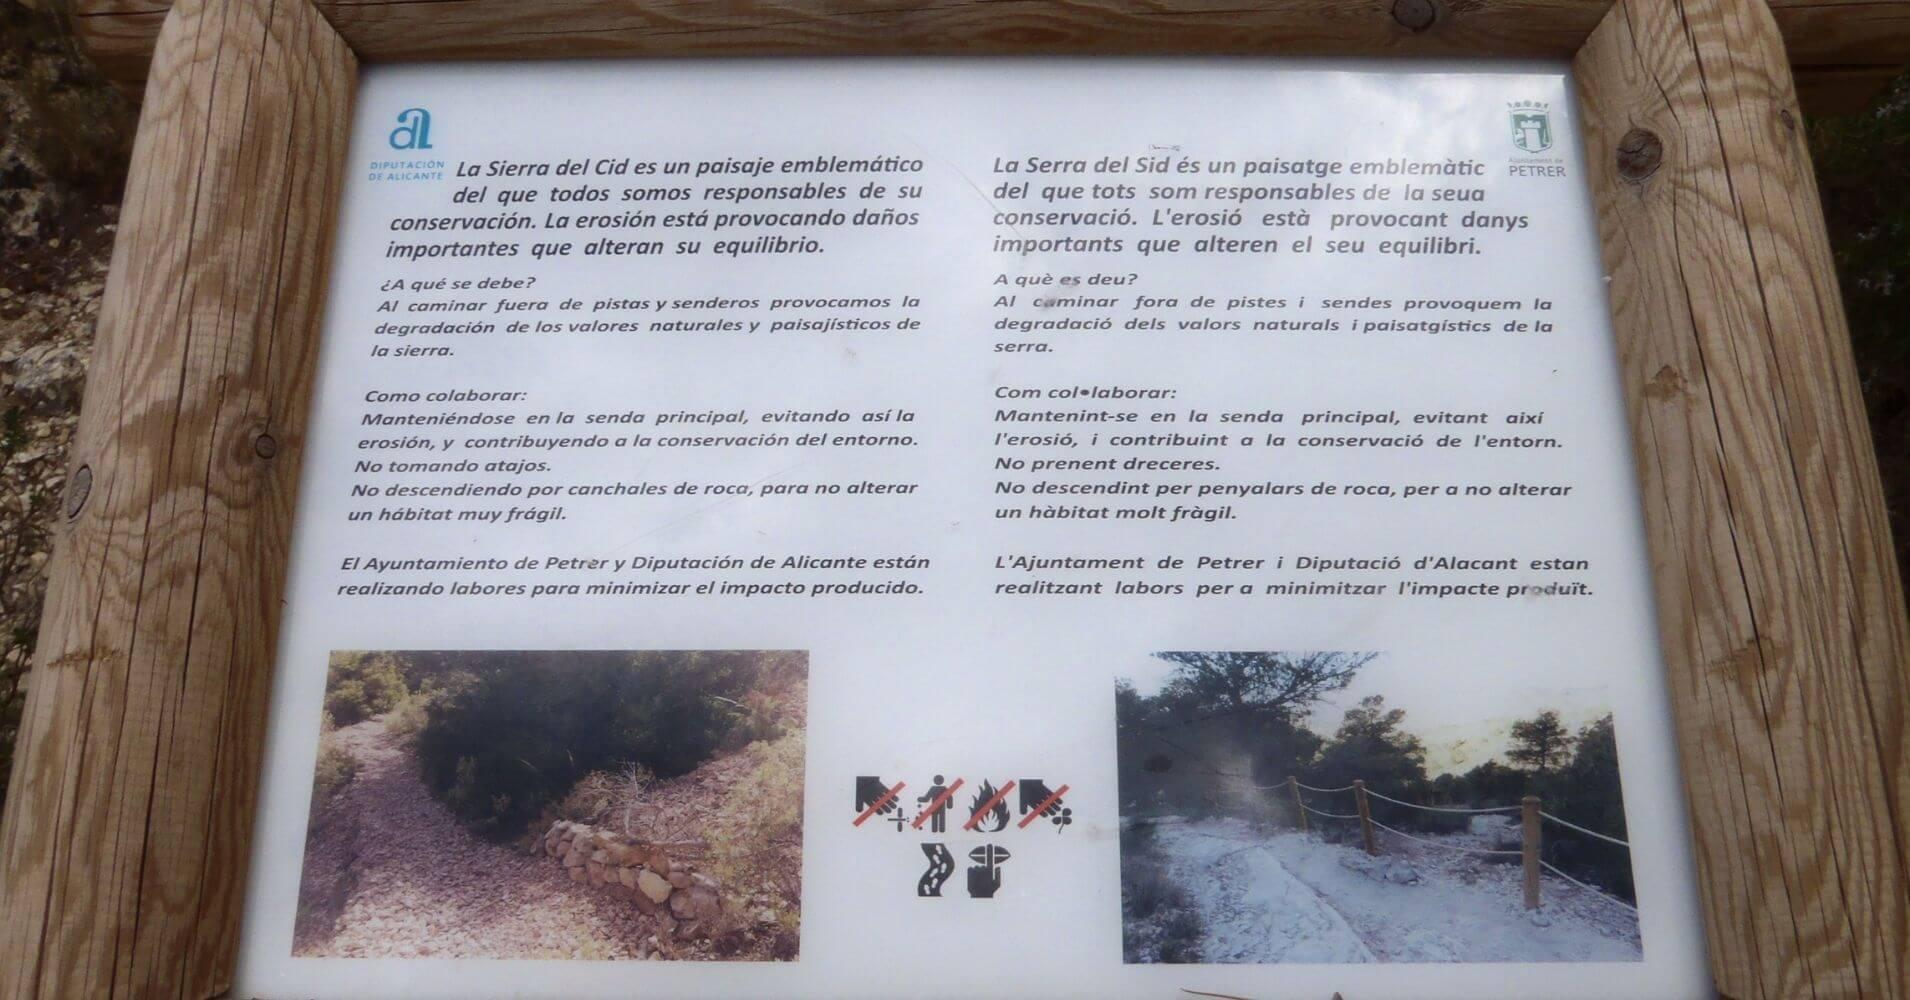 Cartel Información en vía ferrata. Petrer, Alicante. Comunidad Valenciana.